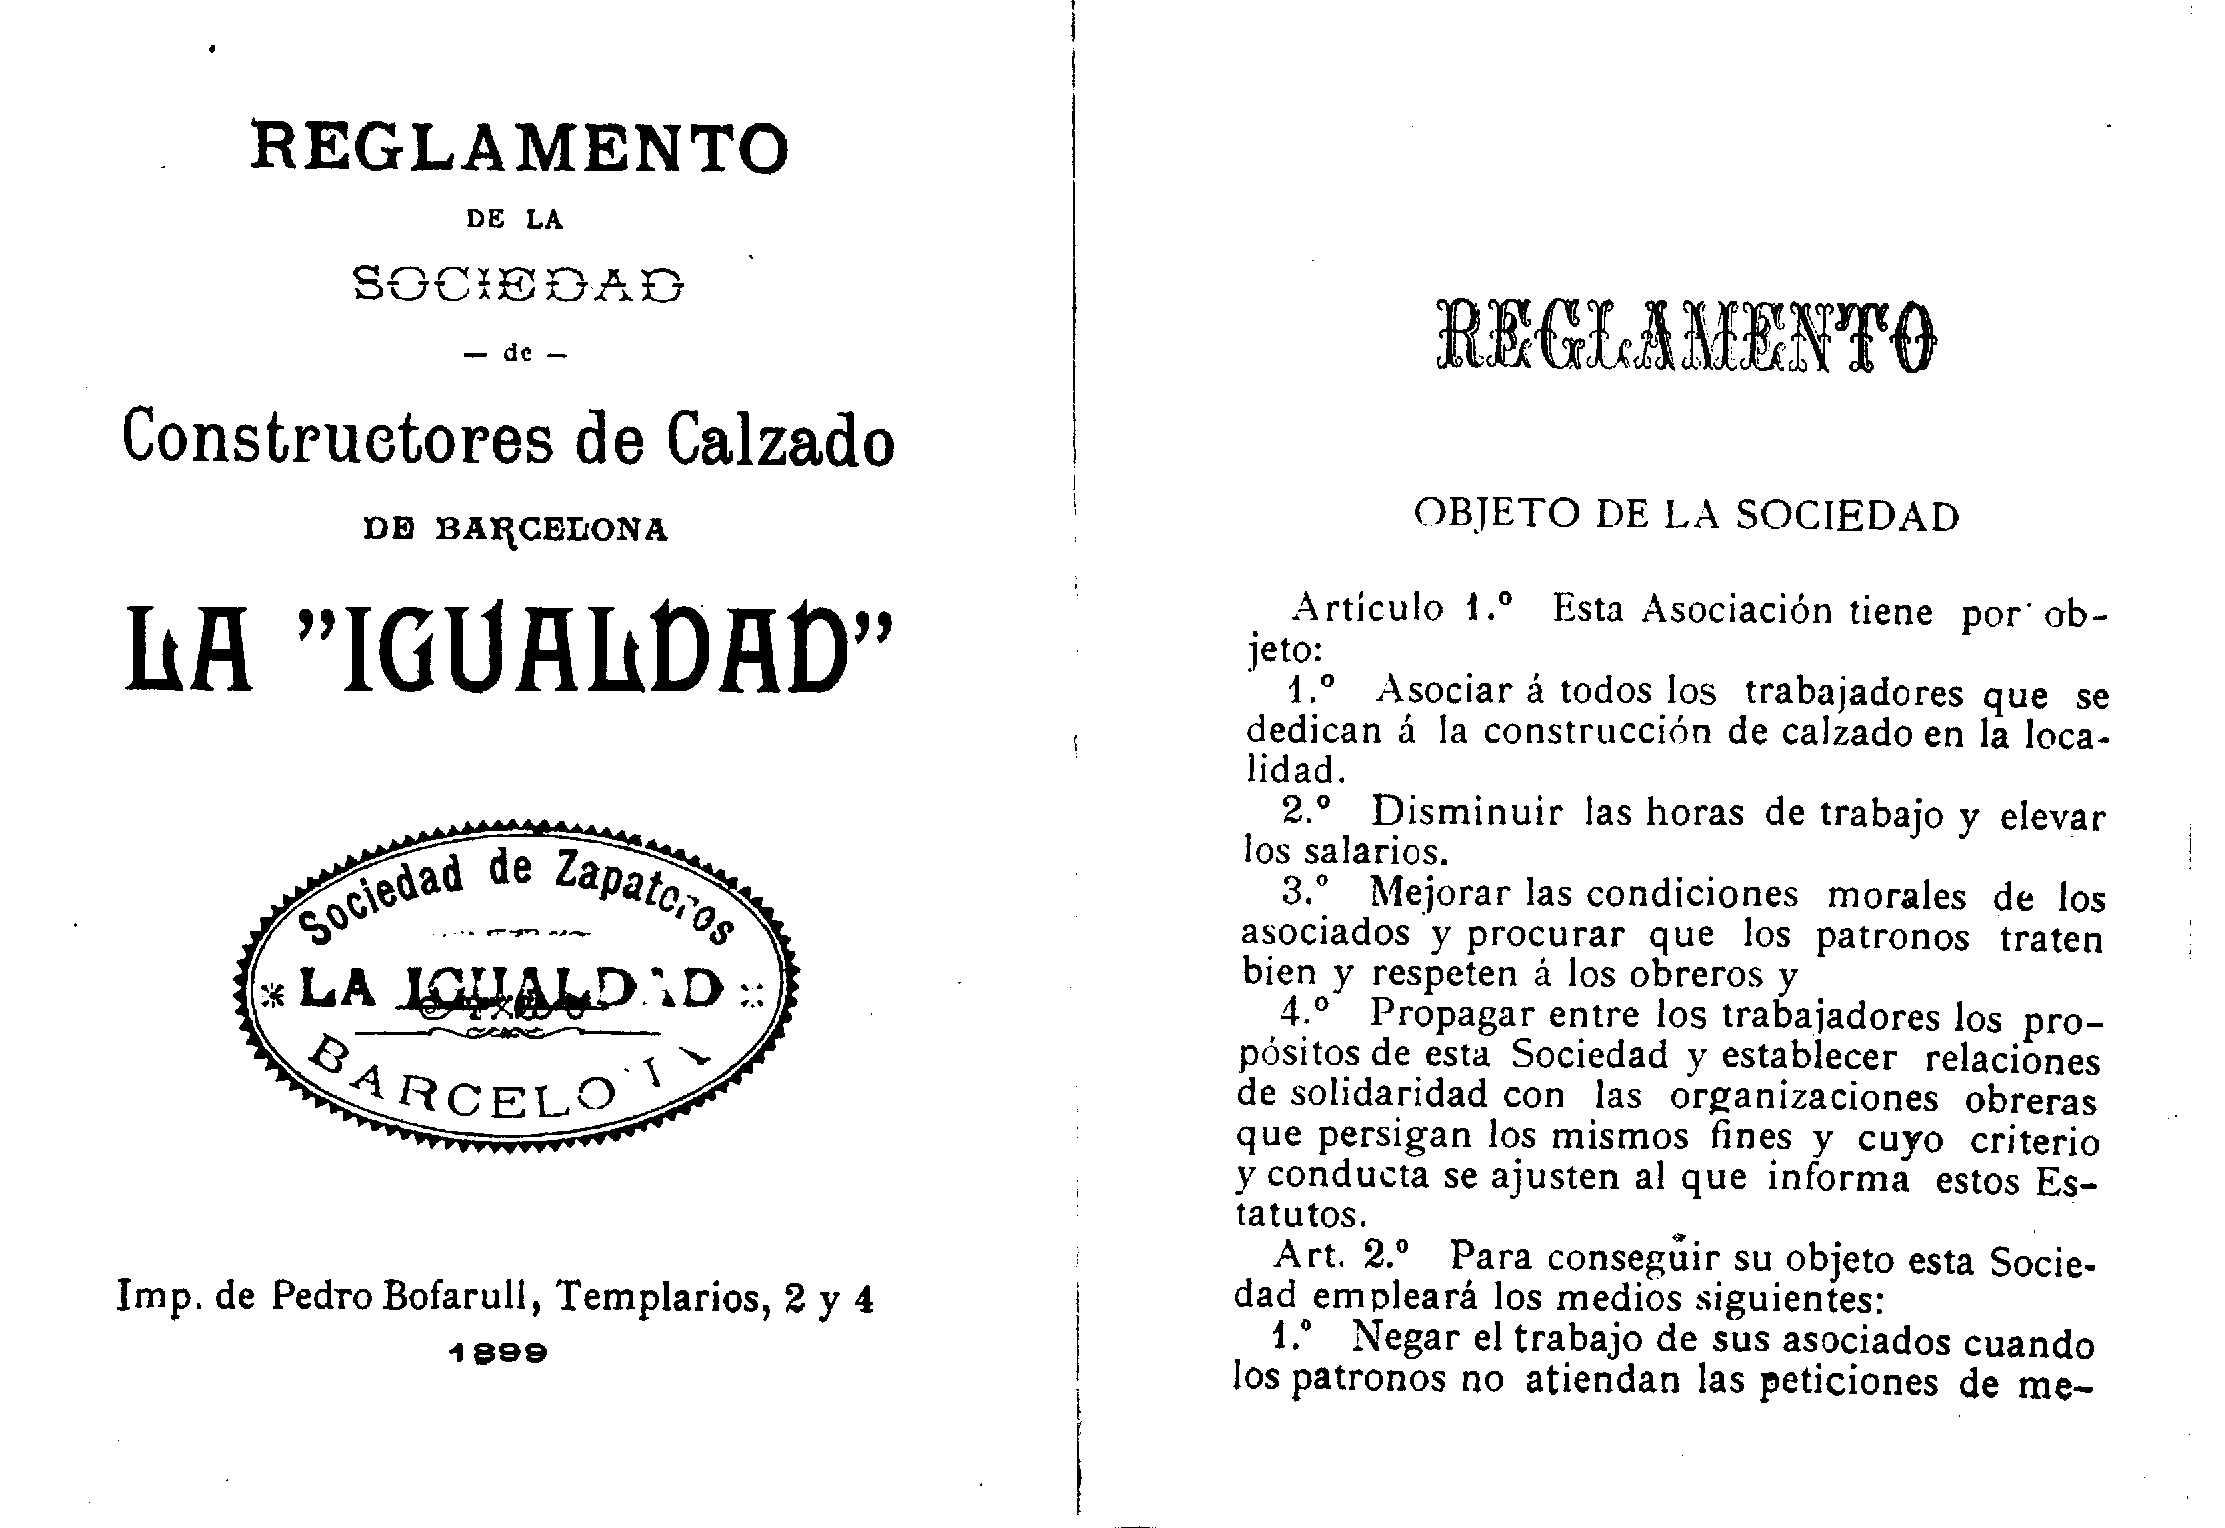 La primera gran huelga de los constructores de calzado de Barcelona ...